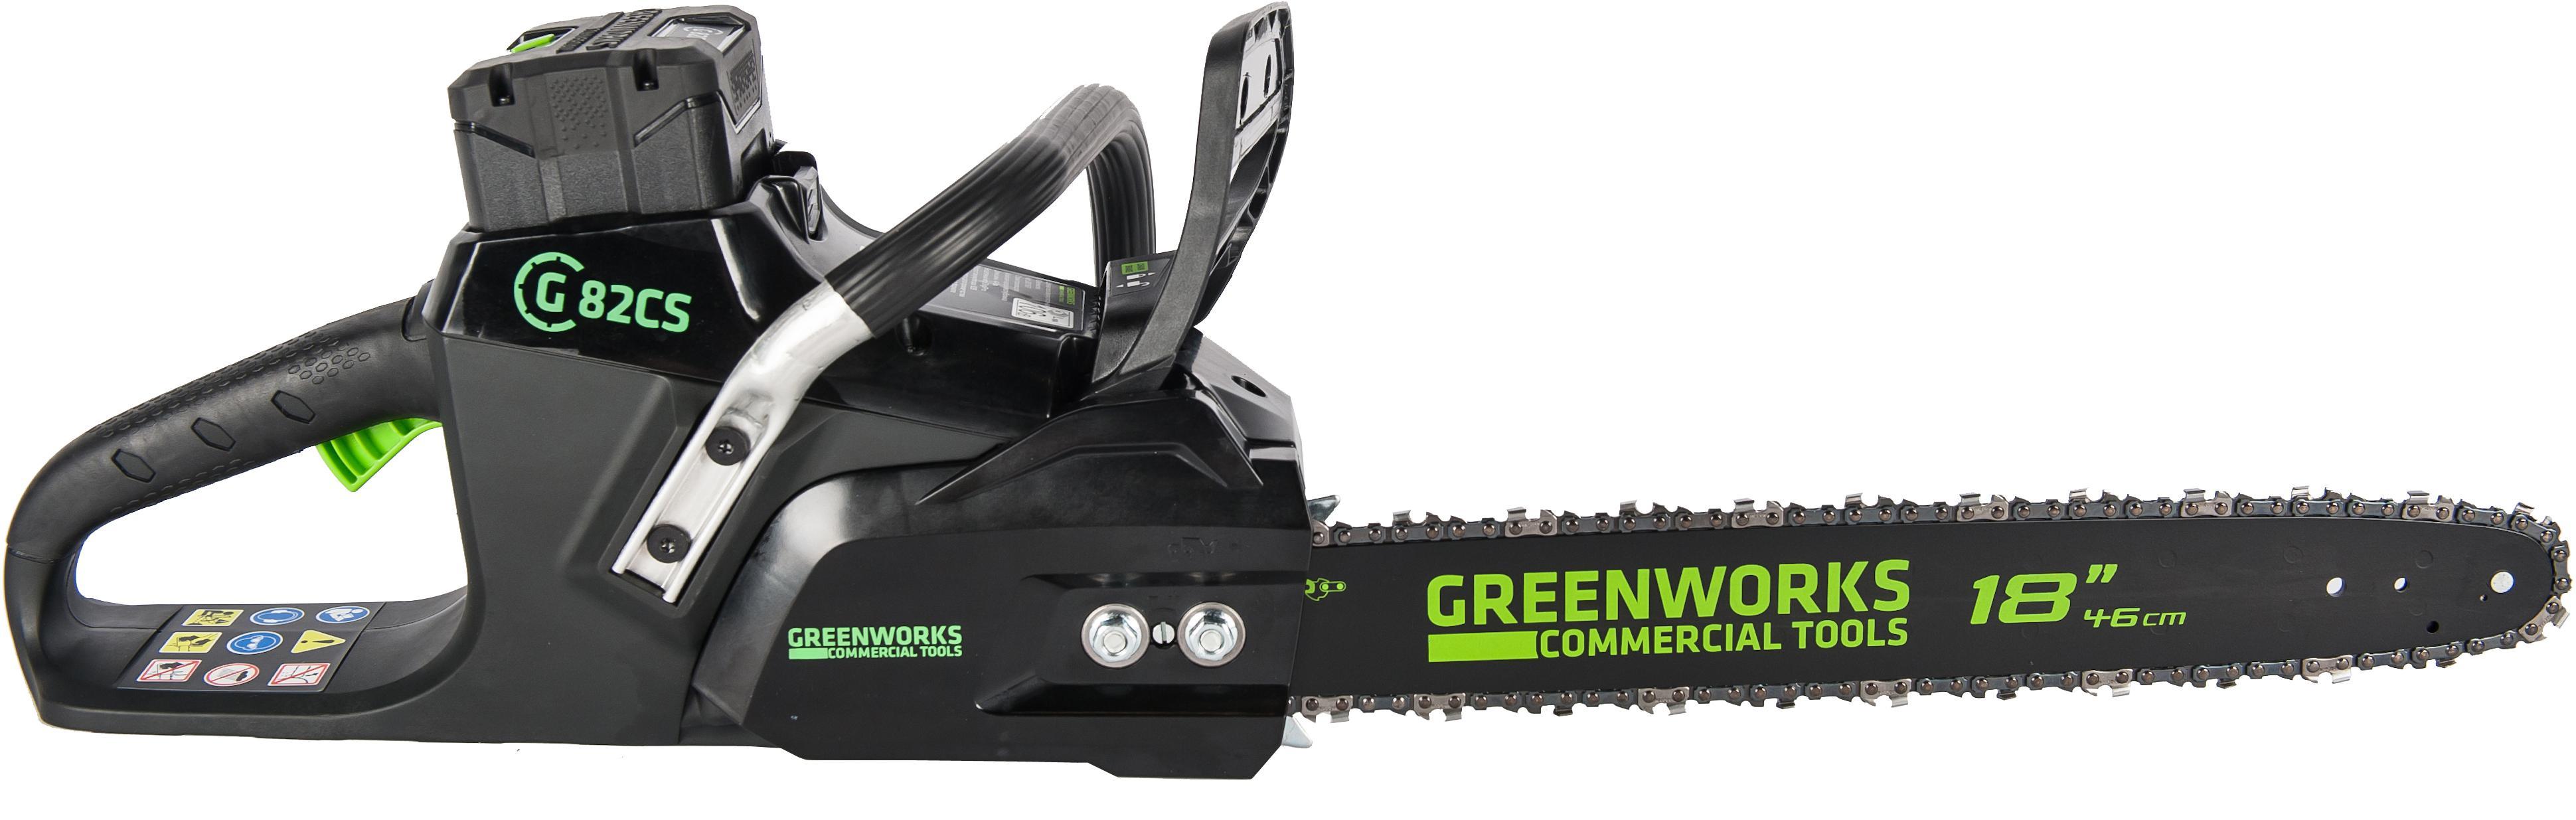 Пила цепная аккумуляторная Greenworks GС82csk5 (2001607ub) 1акк 82v 5Ач + ЗУ пила цепная аккумуляторная greenworks gd60cs40 2001807 без аккум и зу